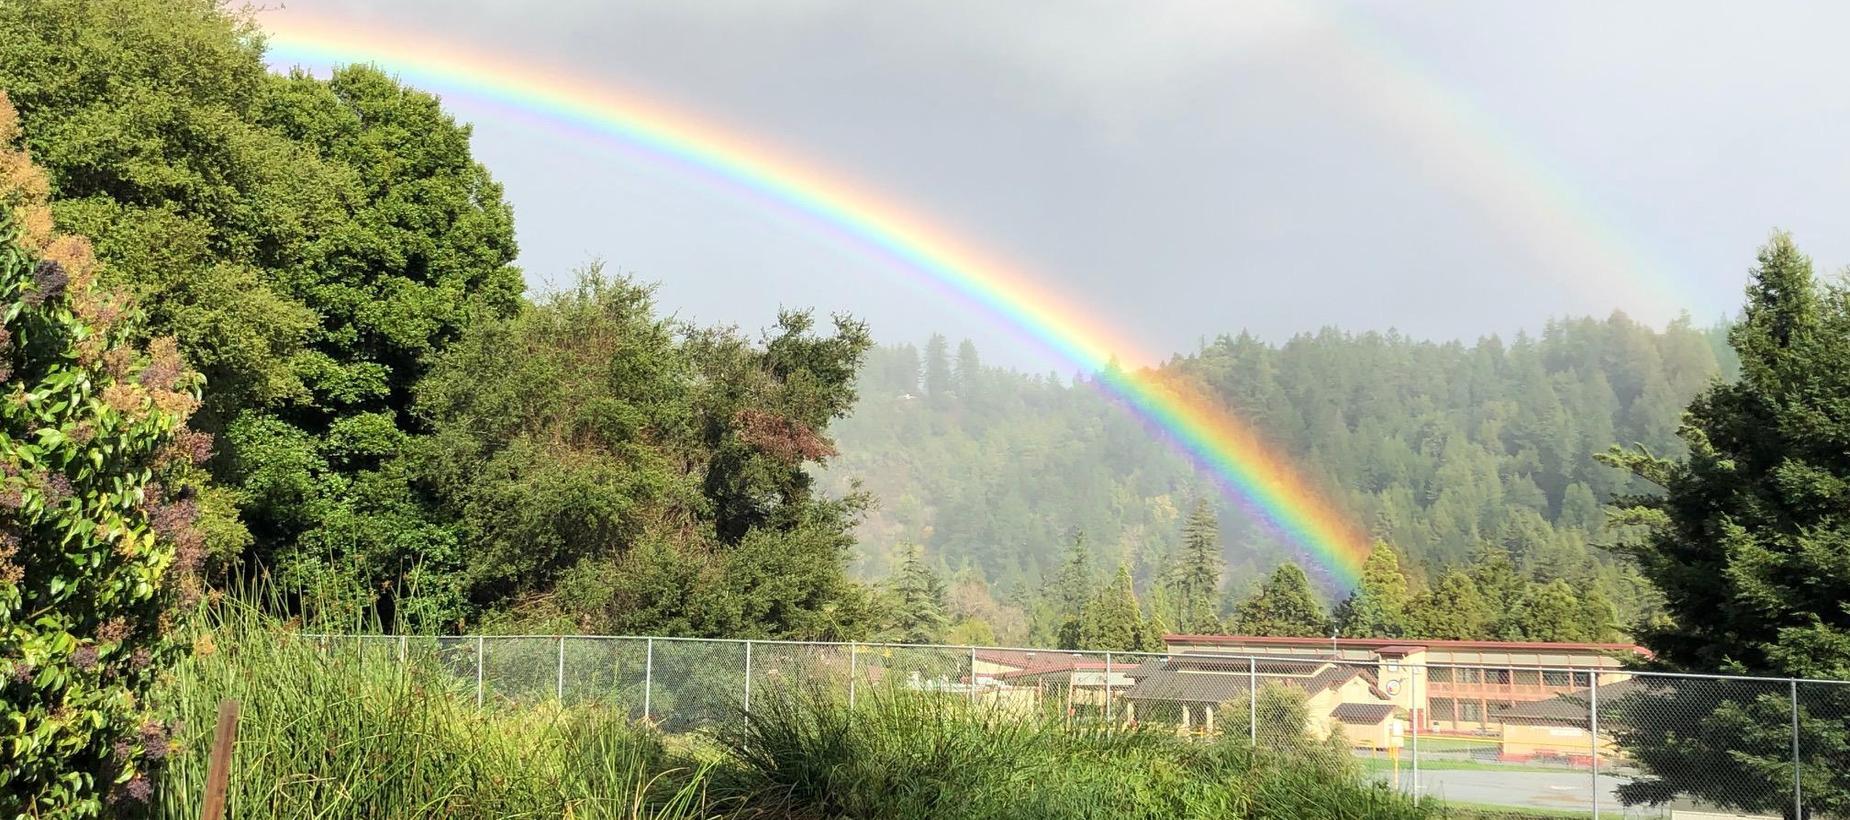 Rainbow over SLVMS